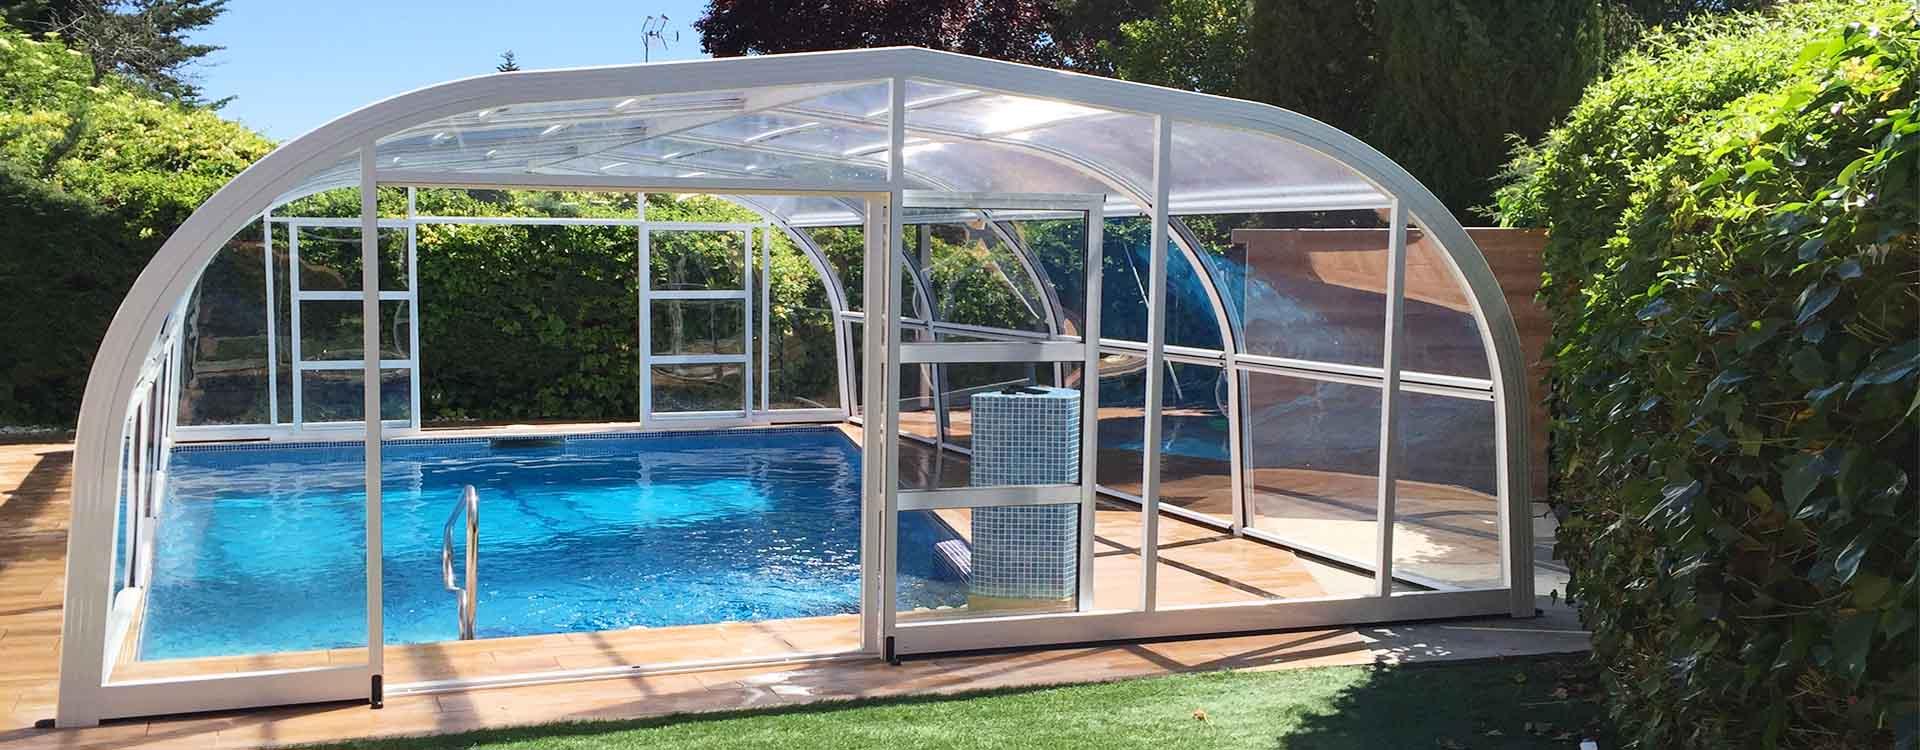 Cubiertas para piscinas al mejor precio cubriland for Cubierta piscina precio